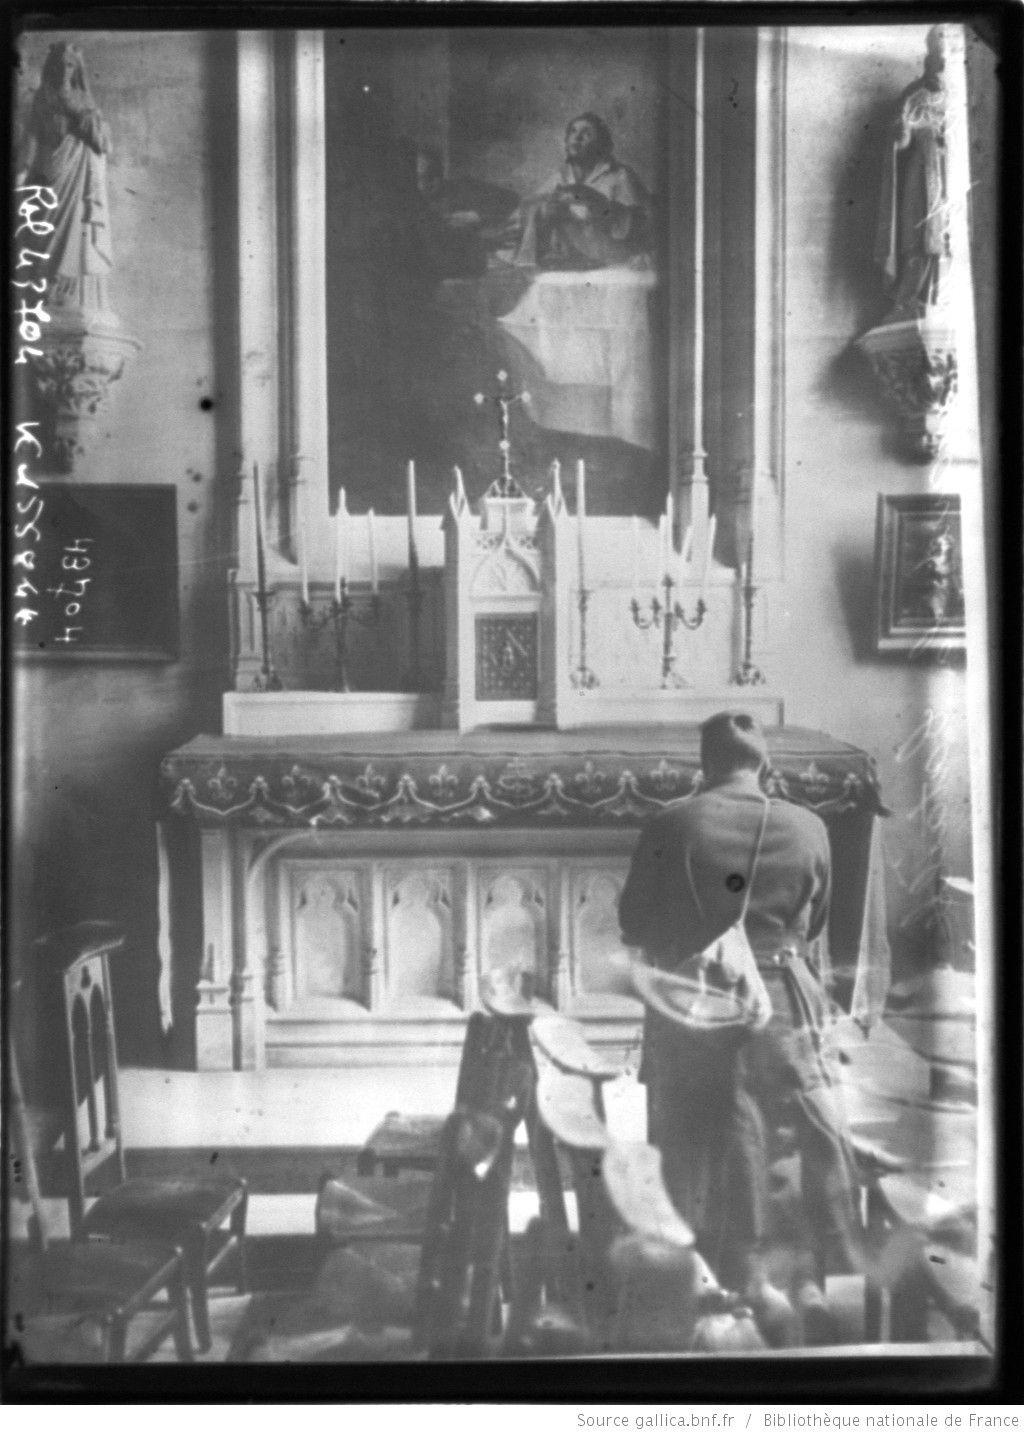 La prière avant la bataille [soldat agenouillé devant un autel] : [photographie de presse] / [Agence Rol]